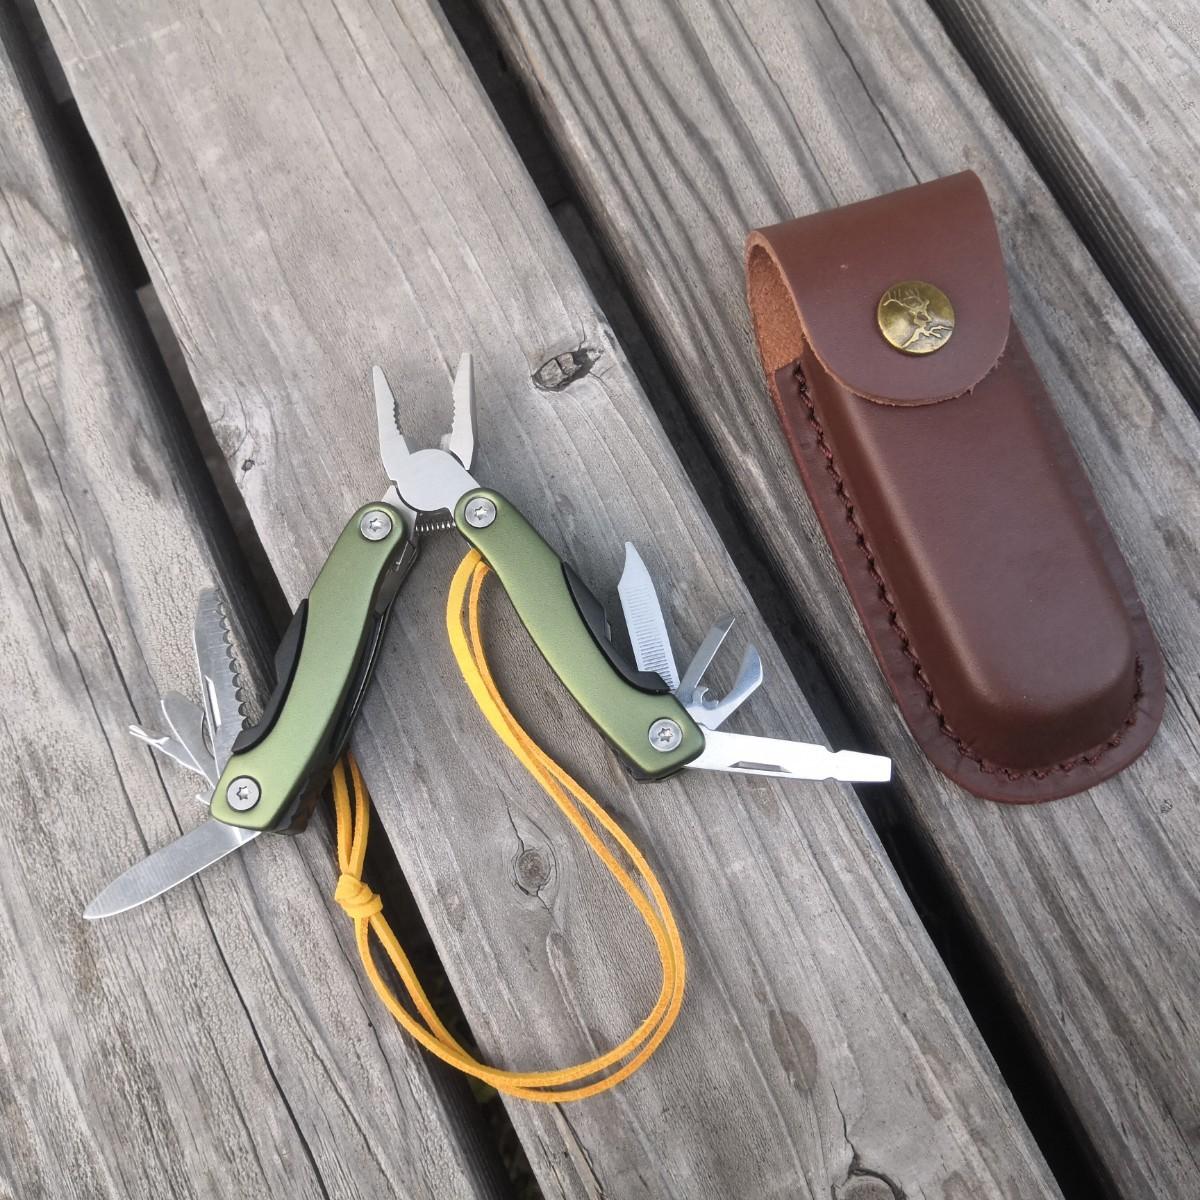 多機能ツール マルチツール多機能ナイフ 革ケース付き 11in1